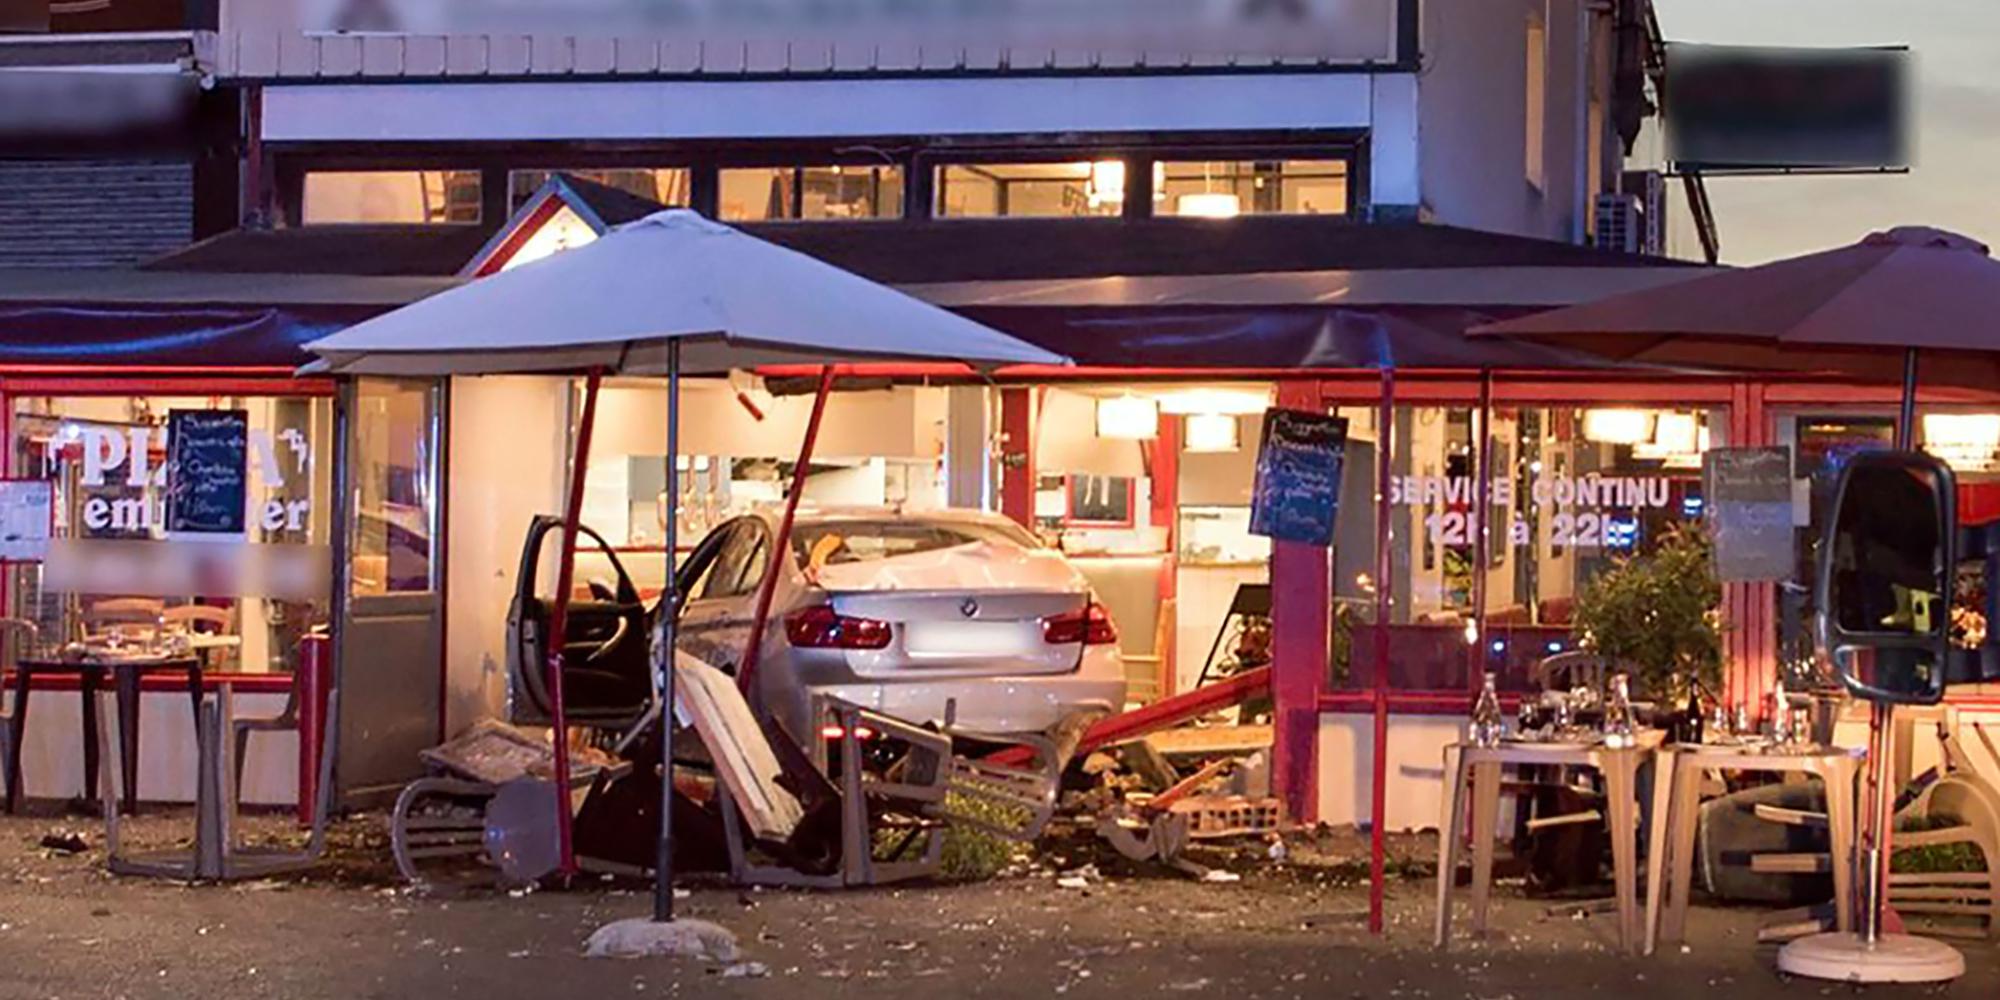 Attaque de la pizzeria de Sept-Sorts : l'accusé reste flou, les victimes en colère